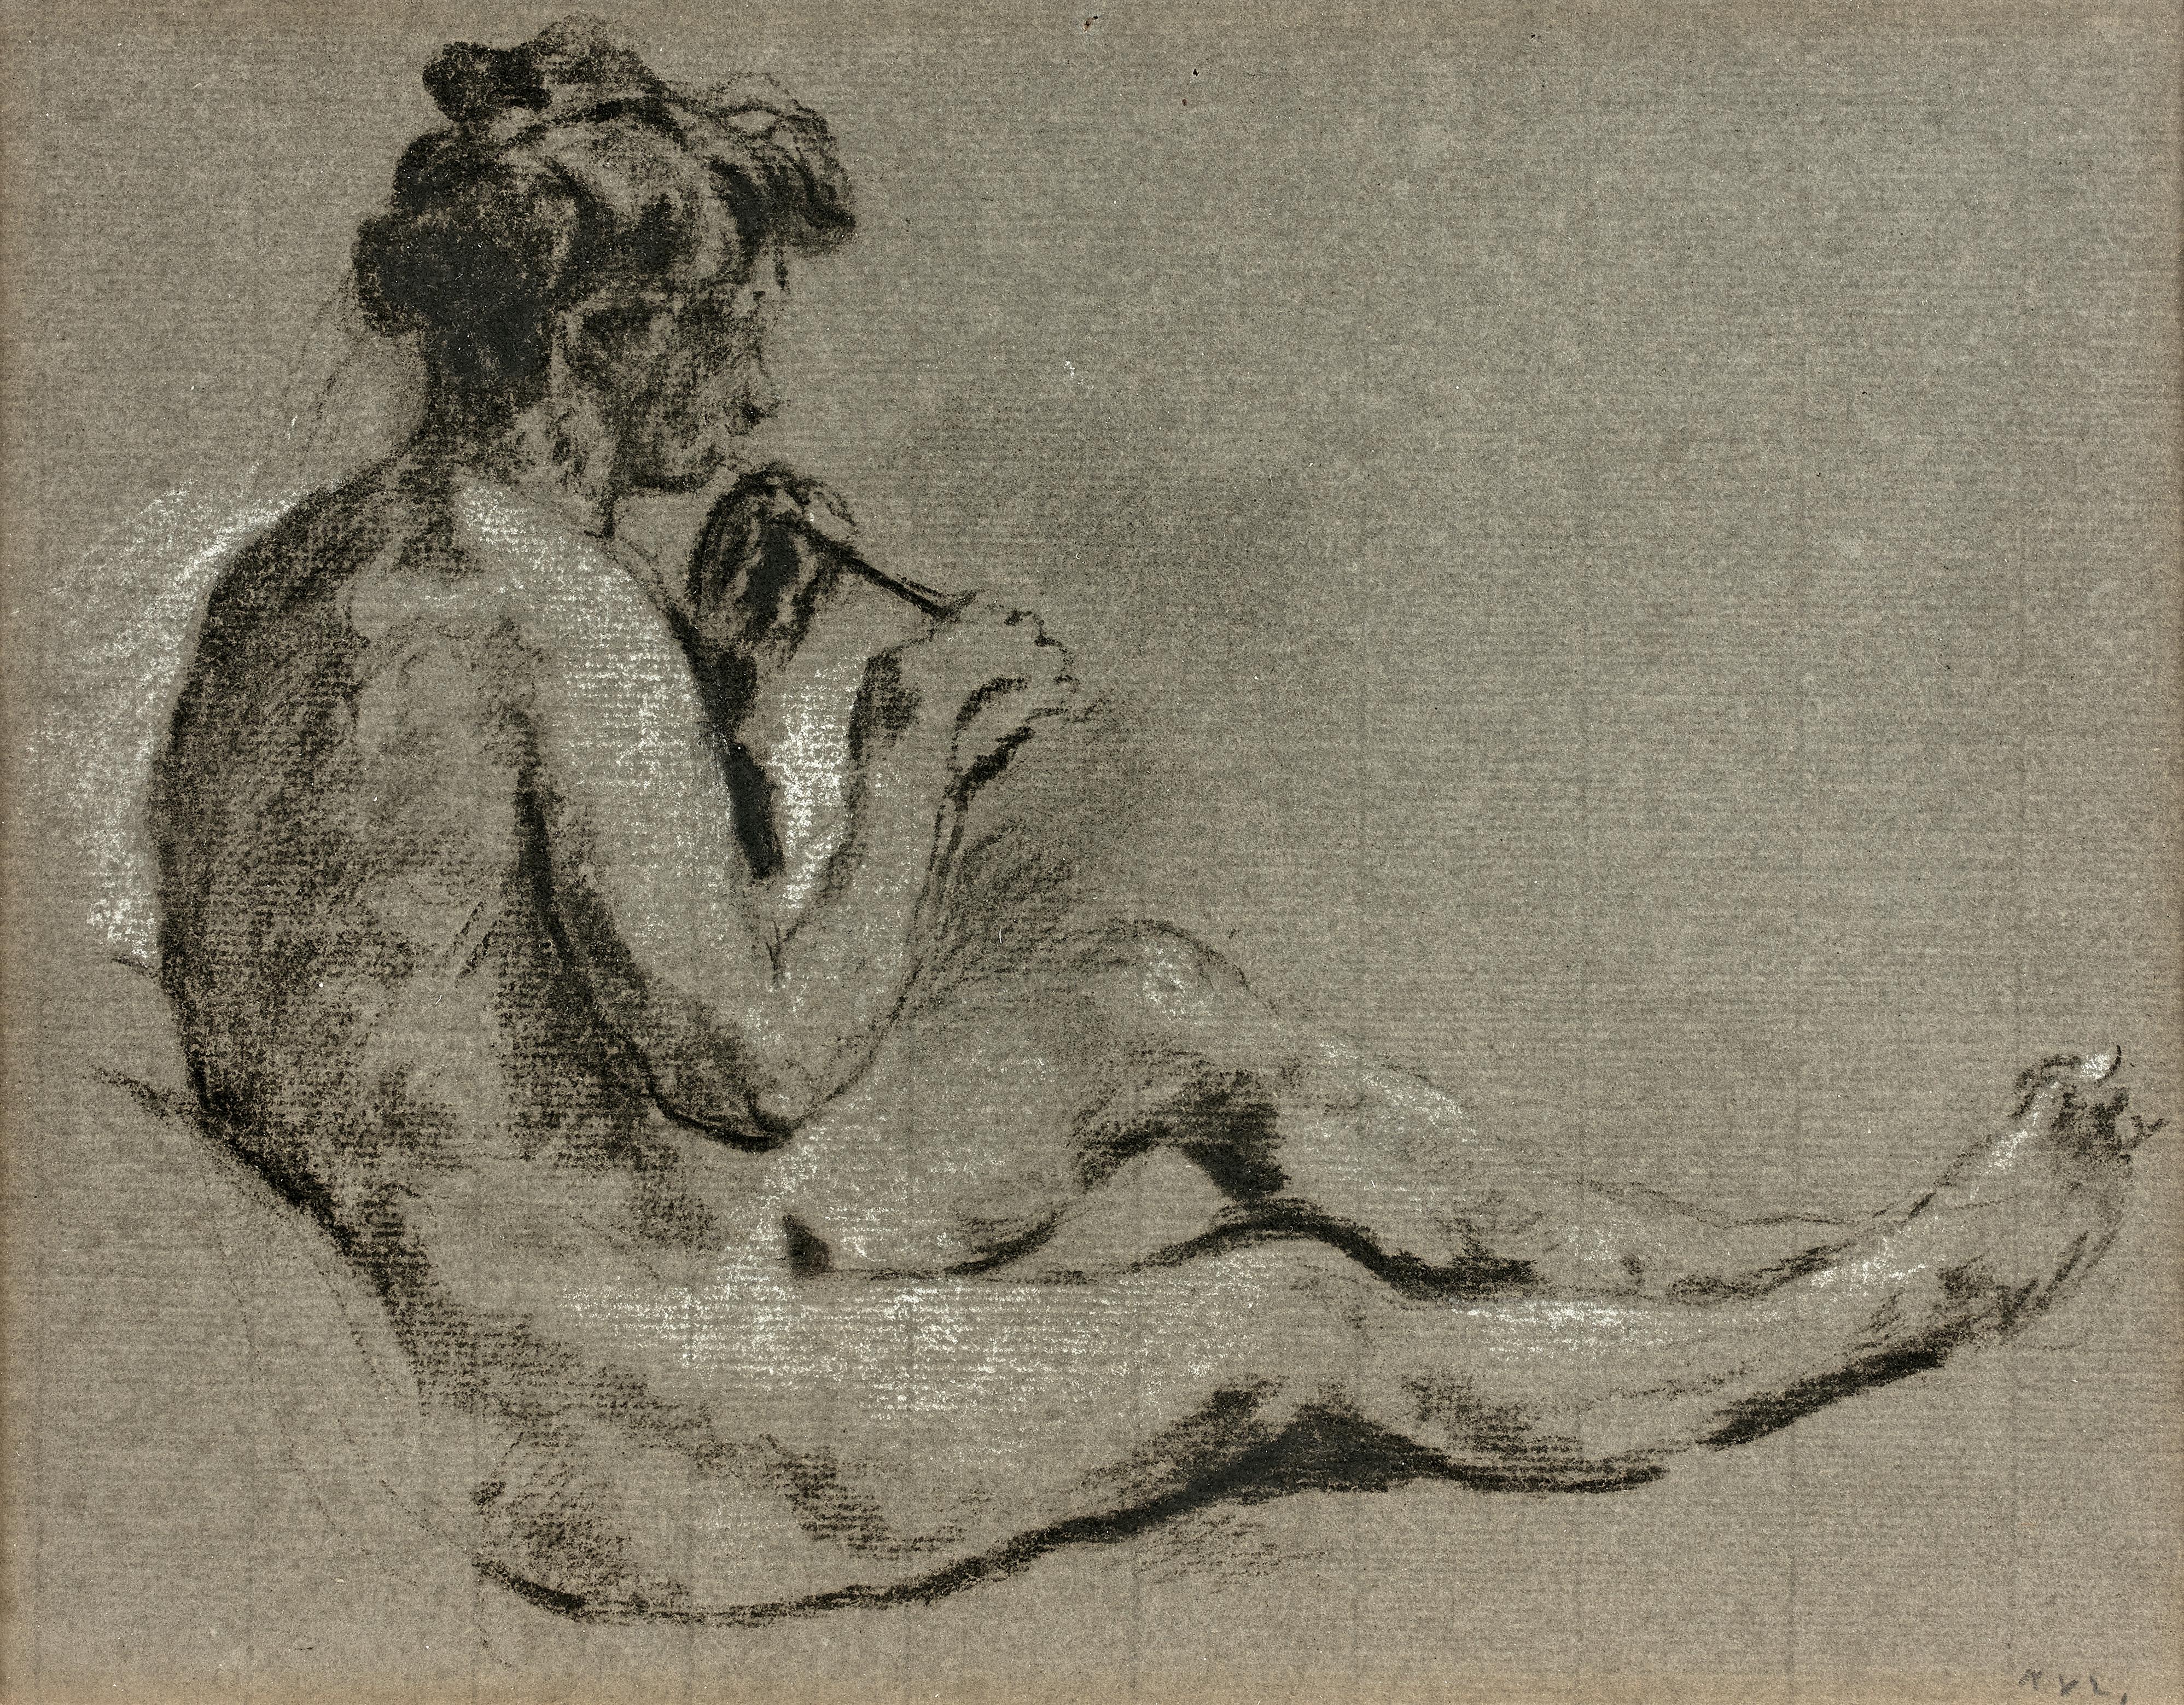 Faune assis jouant de la flûte